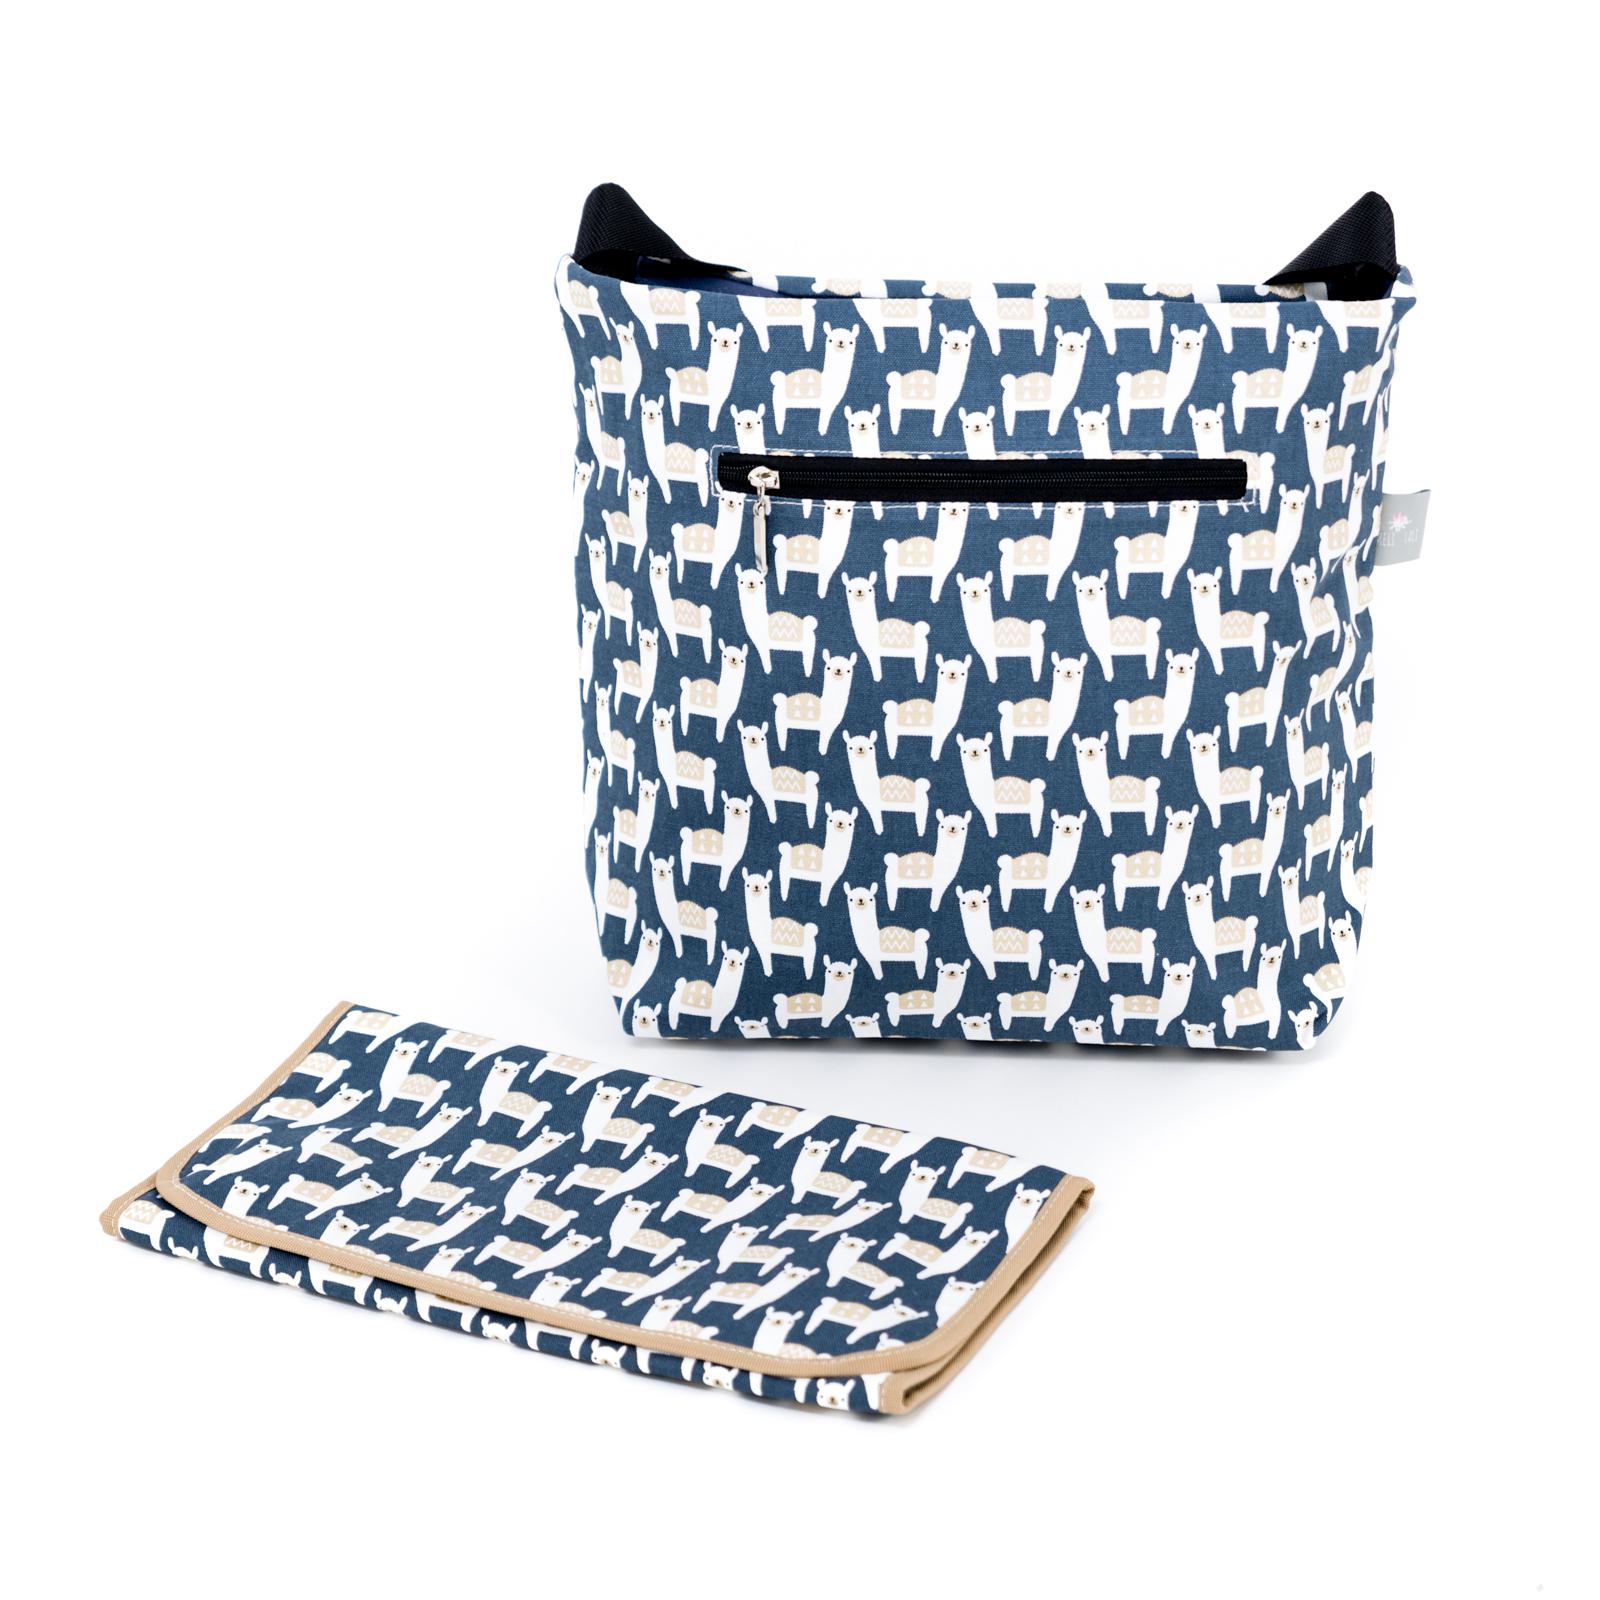 meli - Los 5 mejores bolsos para carritos de bebé